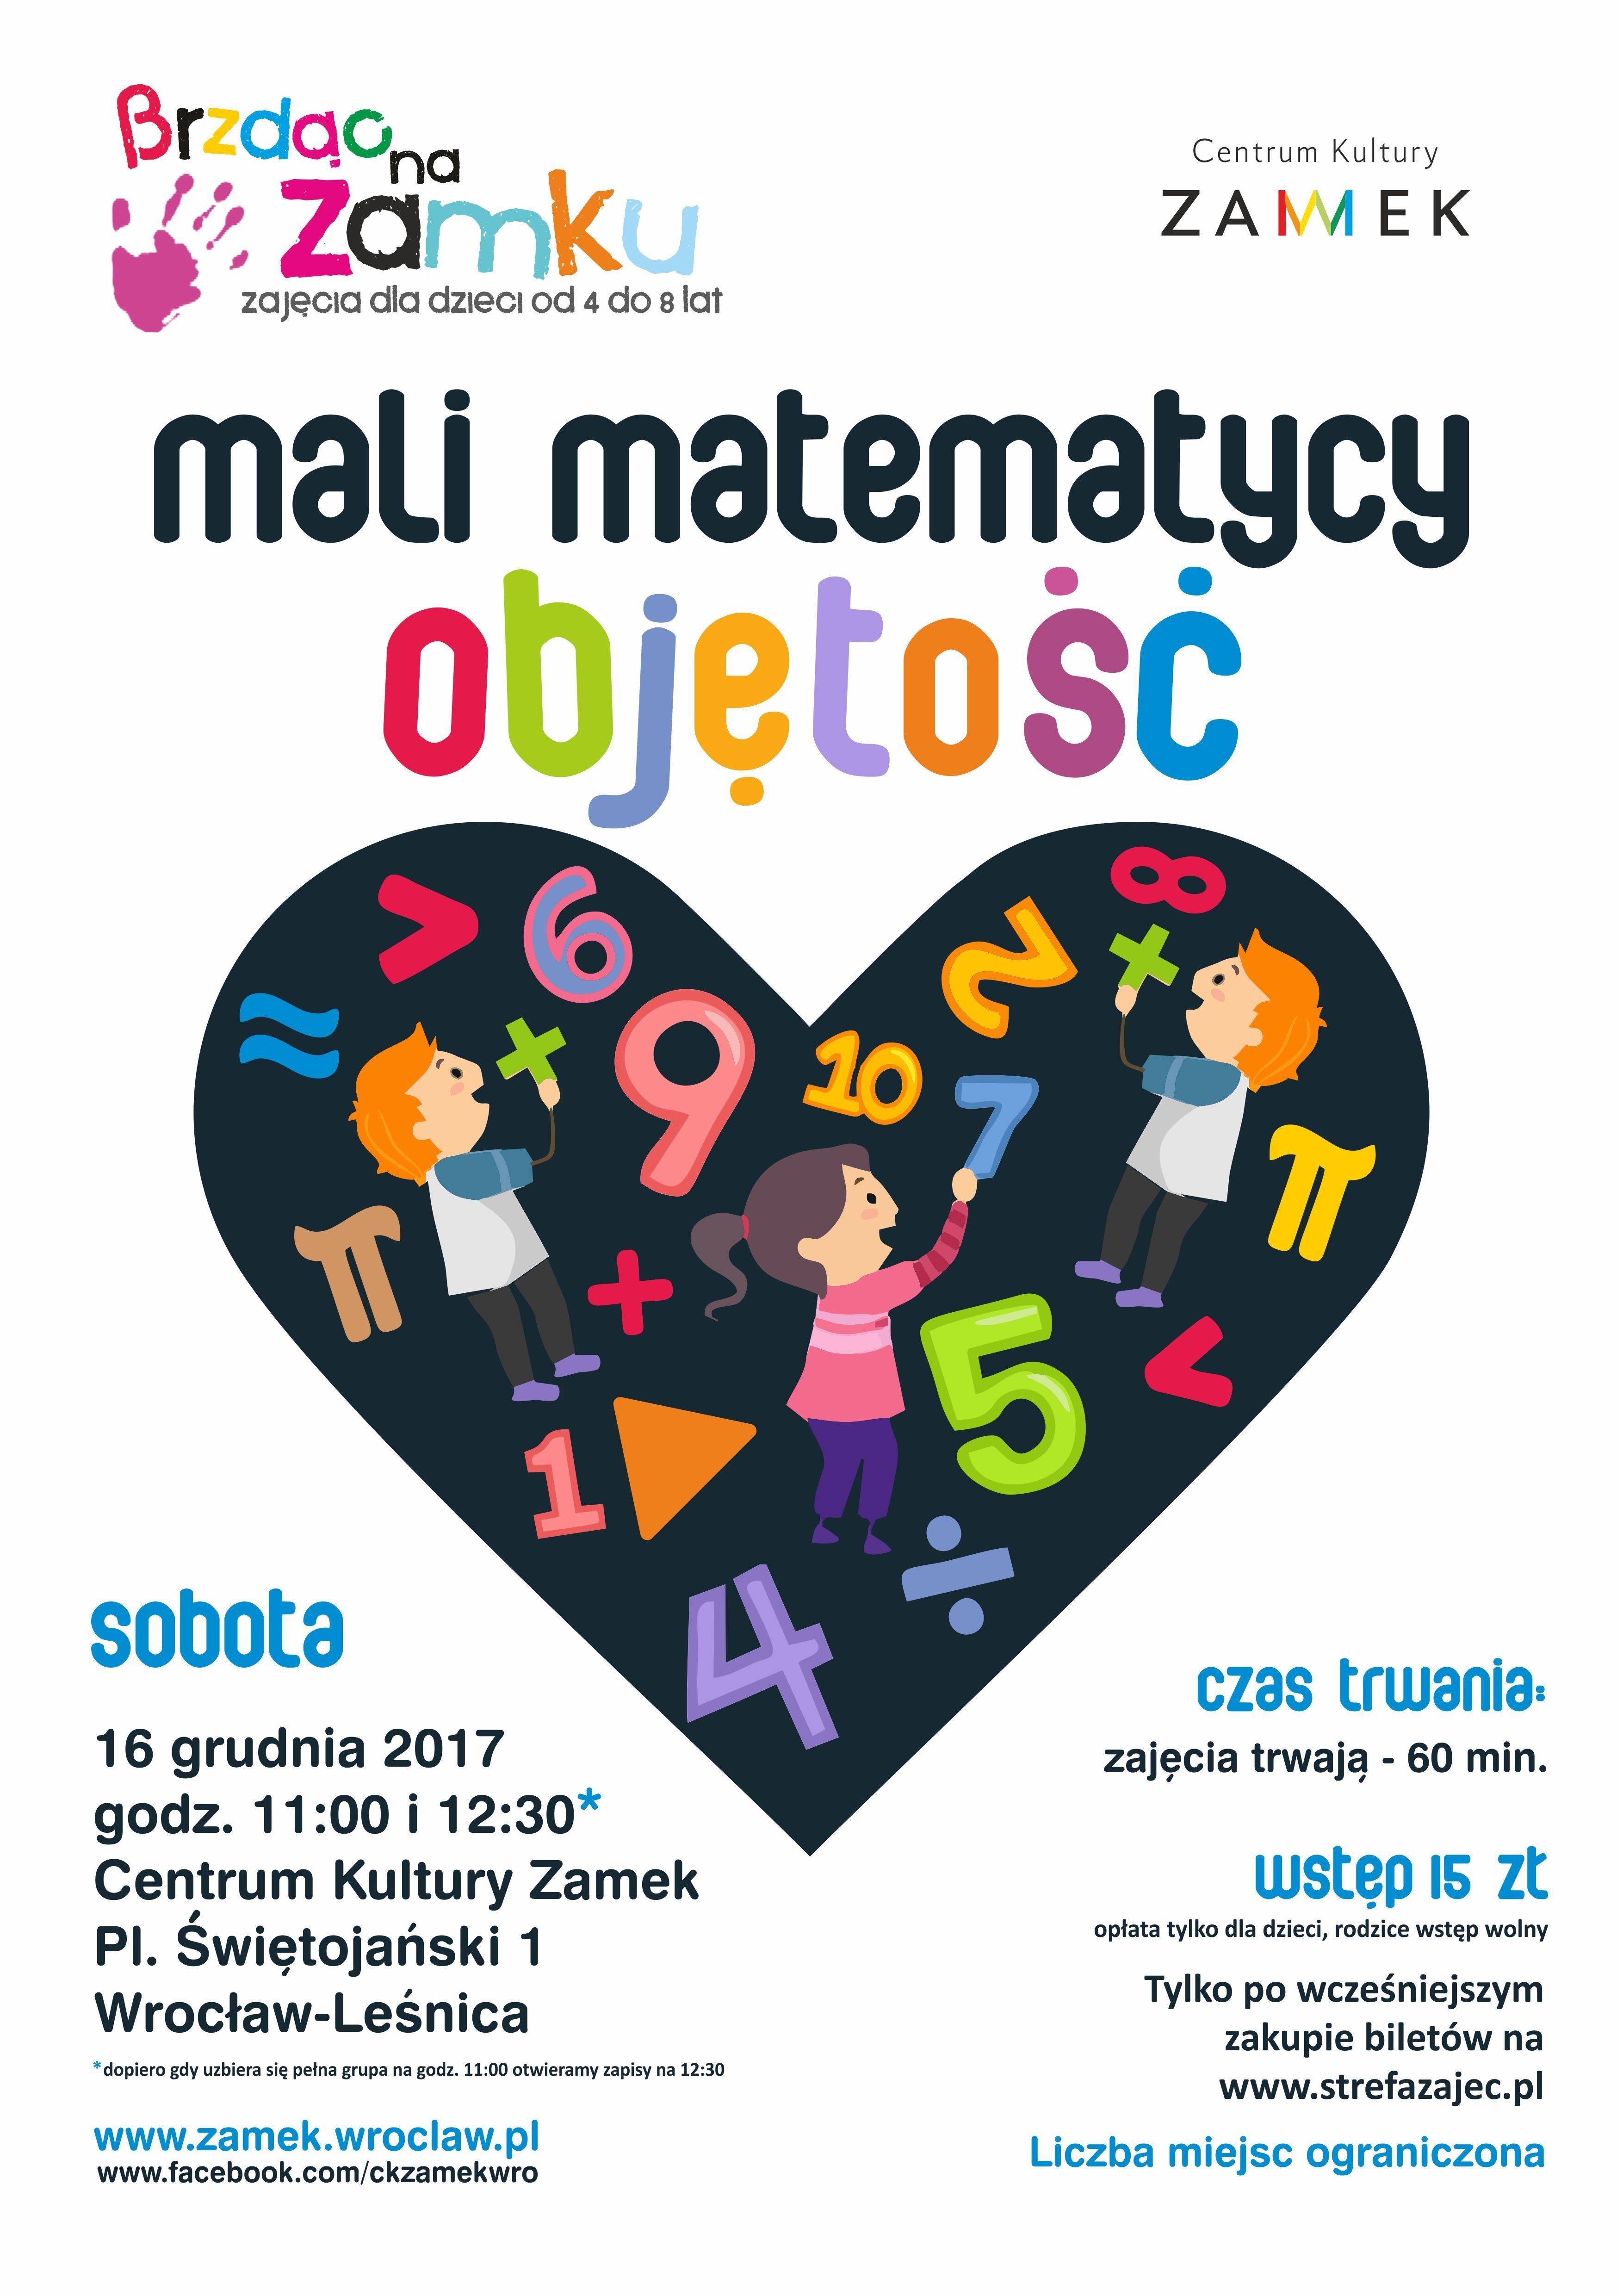 Finał matematycznej odsłony cyklu 'Brzdąc na zamku' w Centrum Kultury ZAMEK